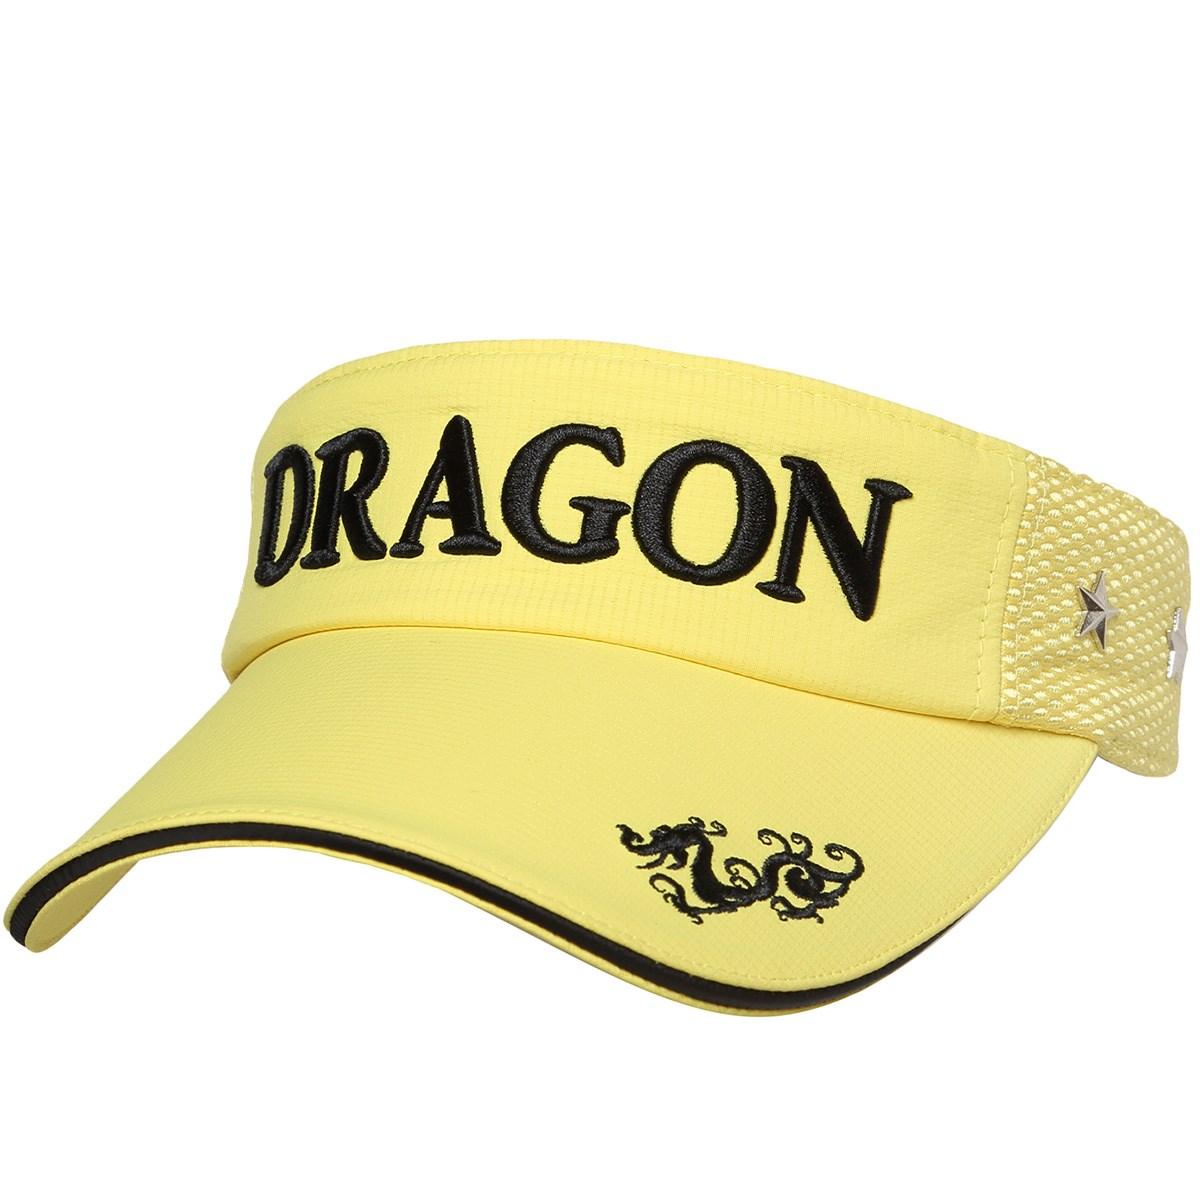 ダンスウィズドラゴン Dance With Dragon スタースタッズ サンバイザー フリー イエロー 030